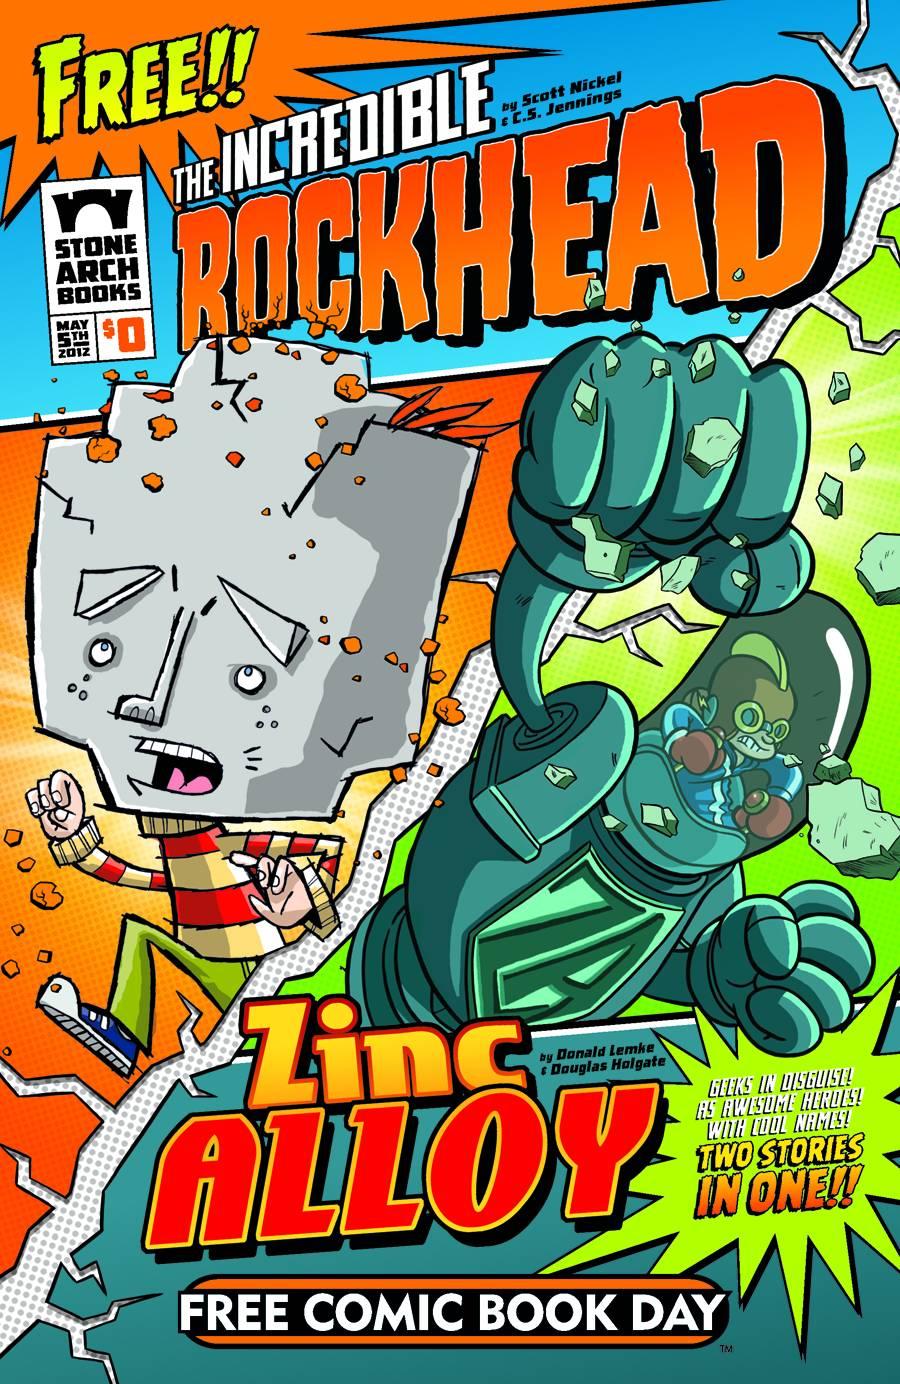 Rockhead & Zinc Alloy